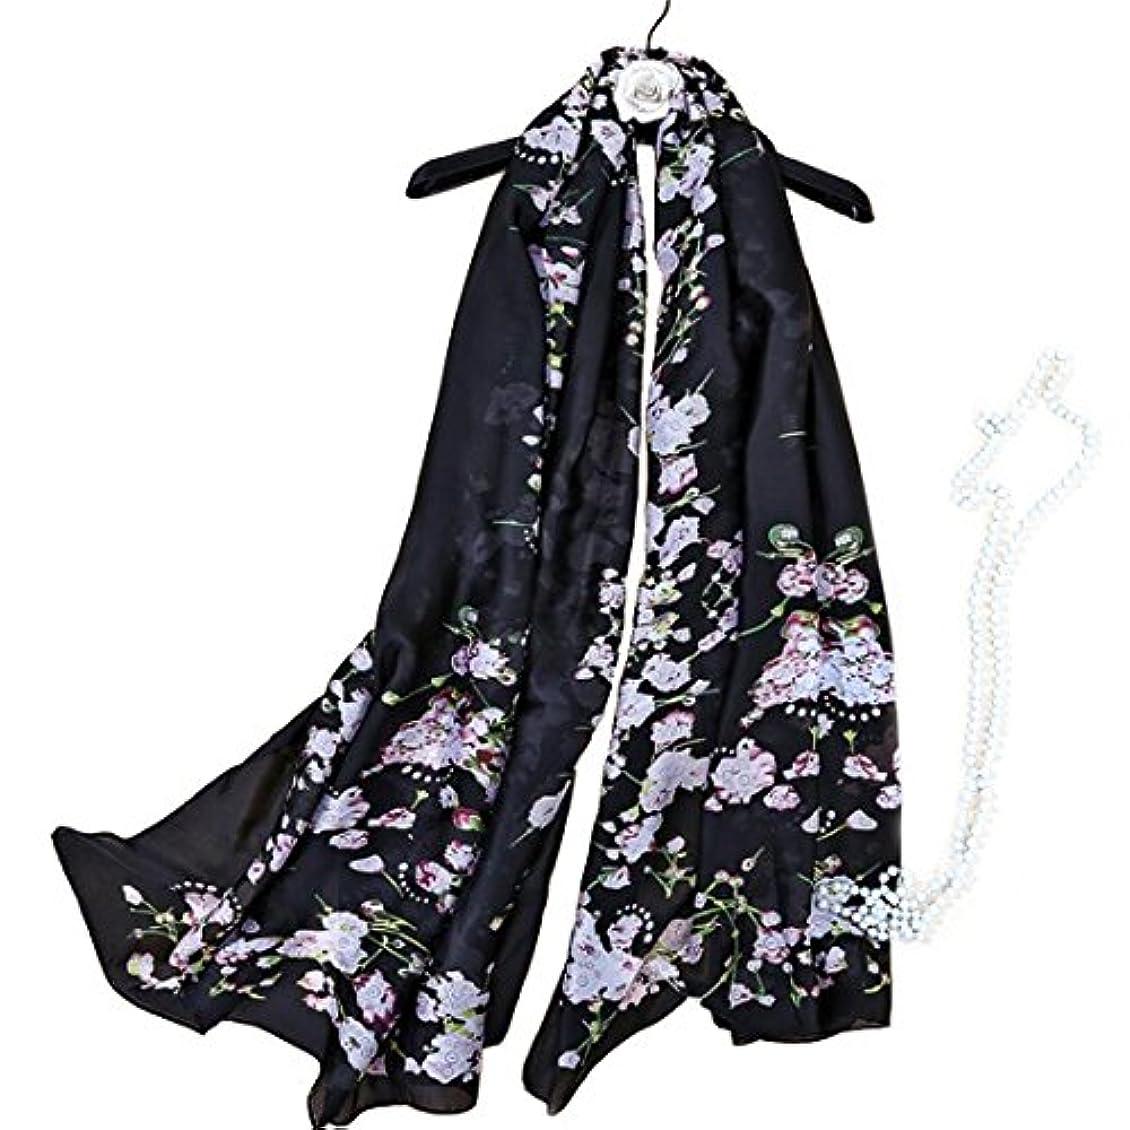 隙間戻す抵抗女性のためのシルクスカーフラージサテンのヘッドスカーフファッションパターンラップショールスカーフ (Color : ブラック)